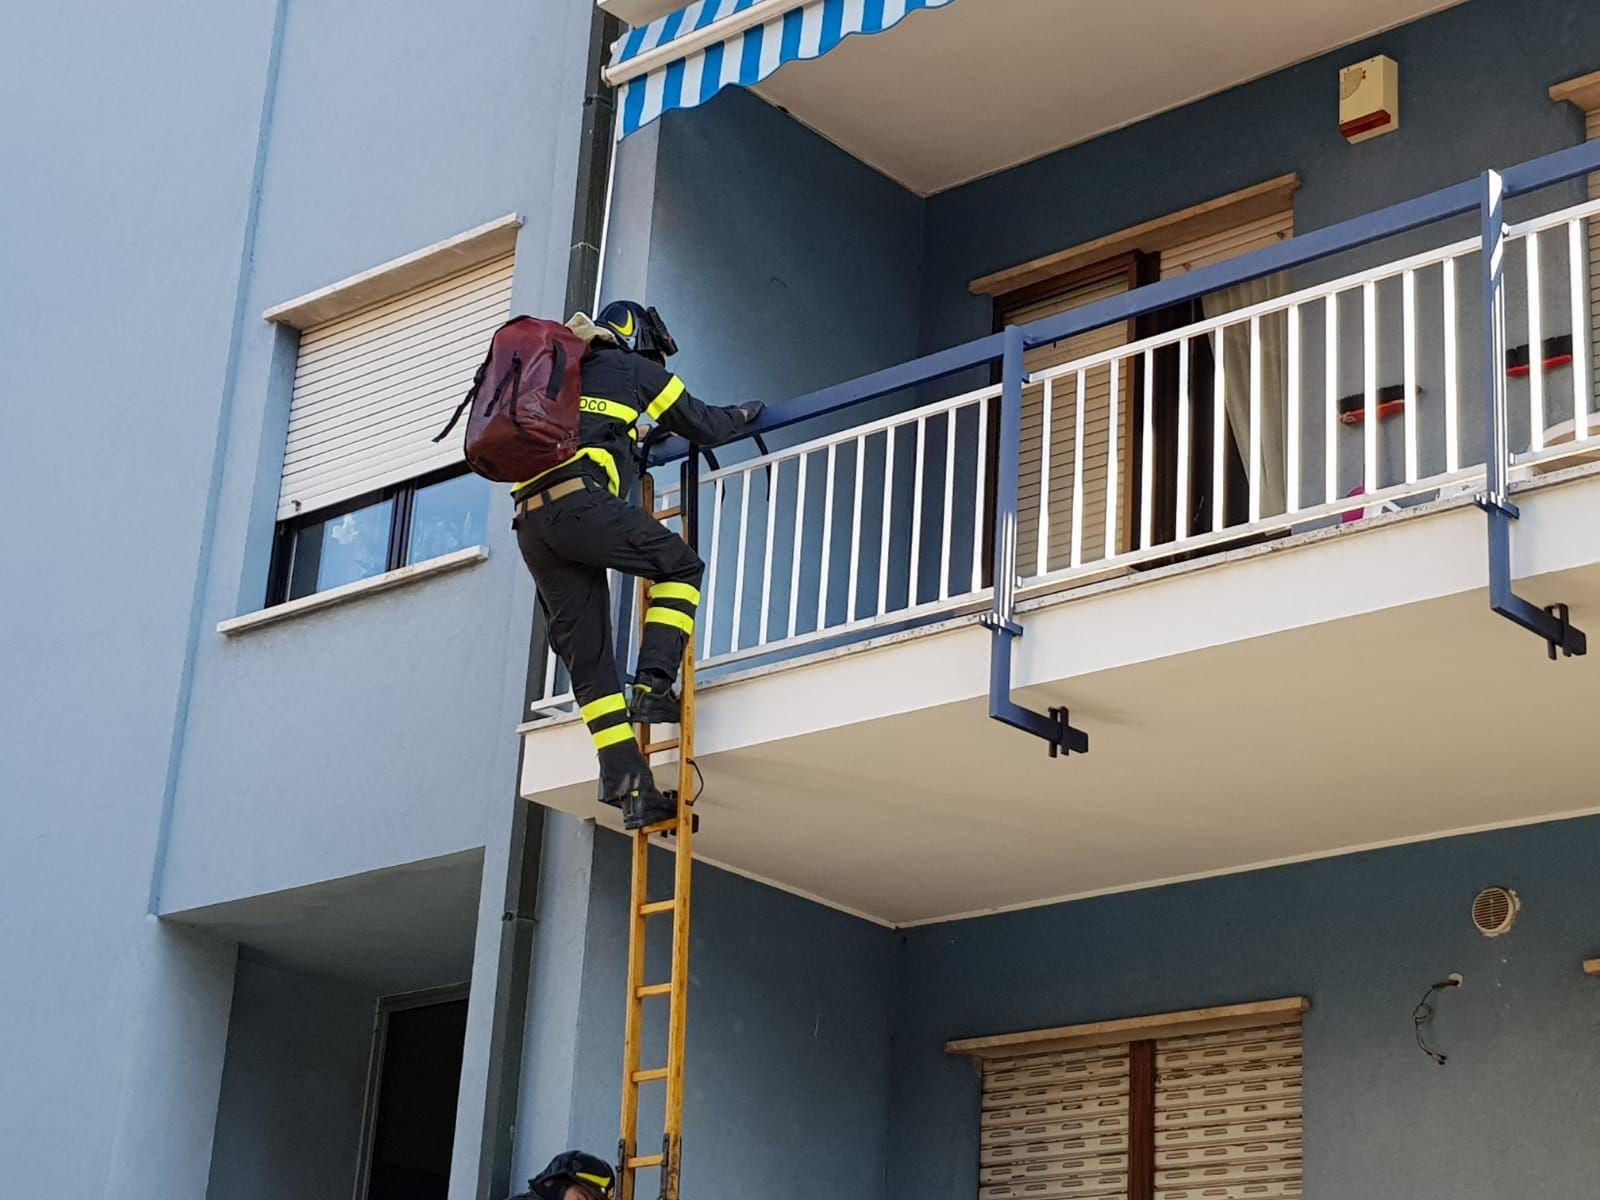 RIVAROLO - Anziani bloccati in casa salvati dai vigili del fuoco